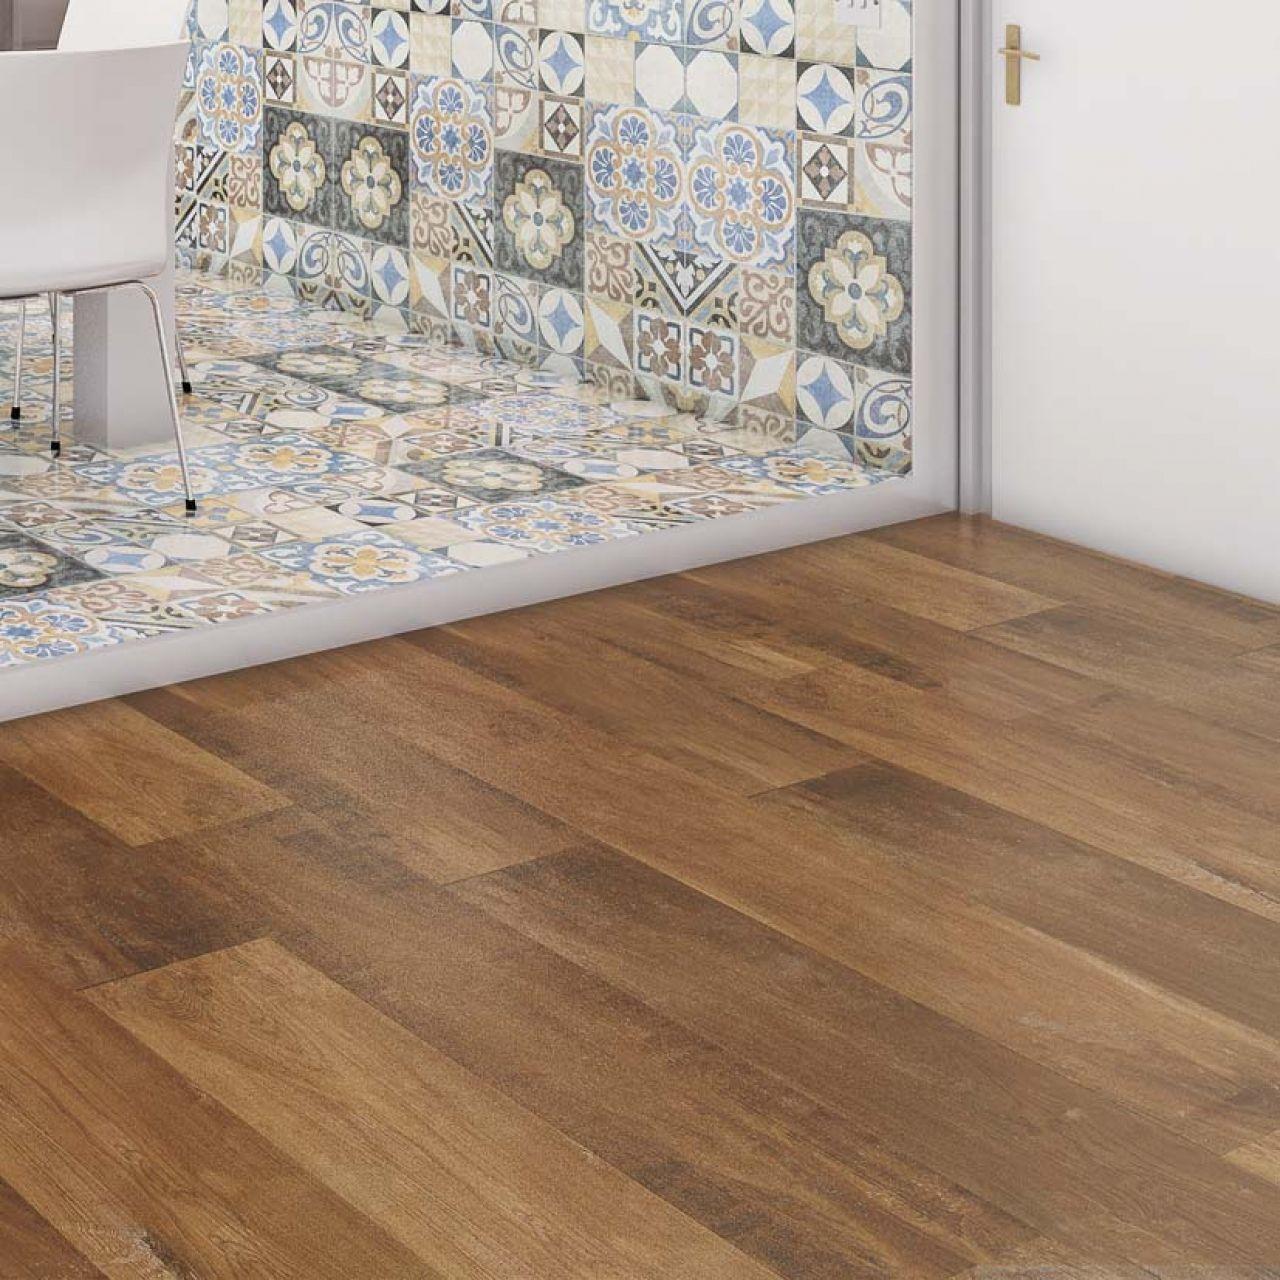 Banheiro porcelanato madeira pesquisa google for Pisos ceramicos externos